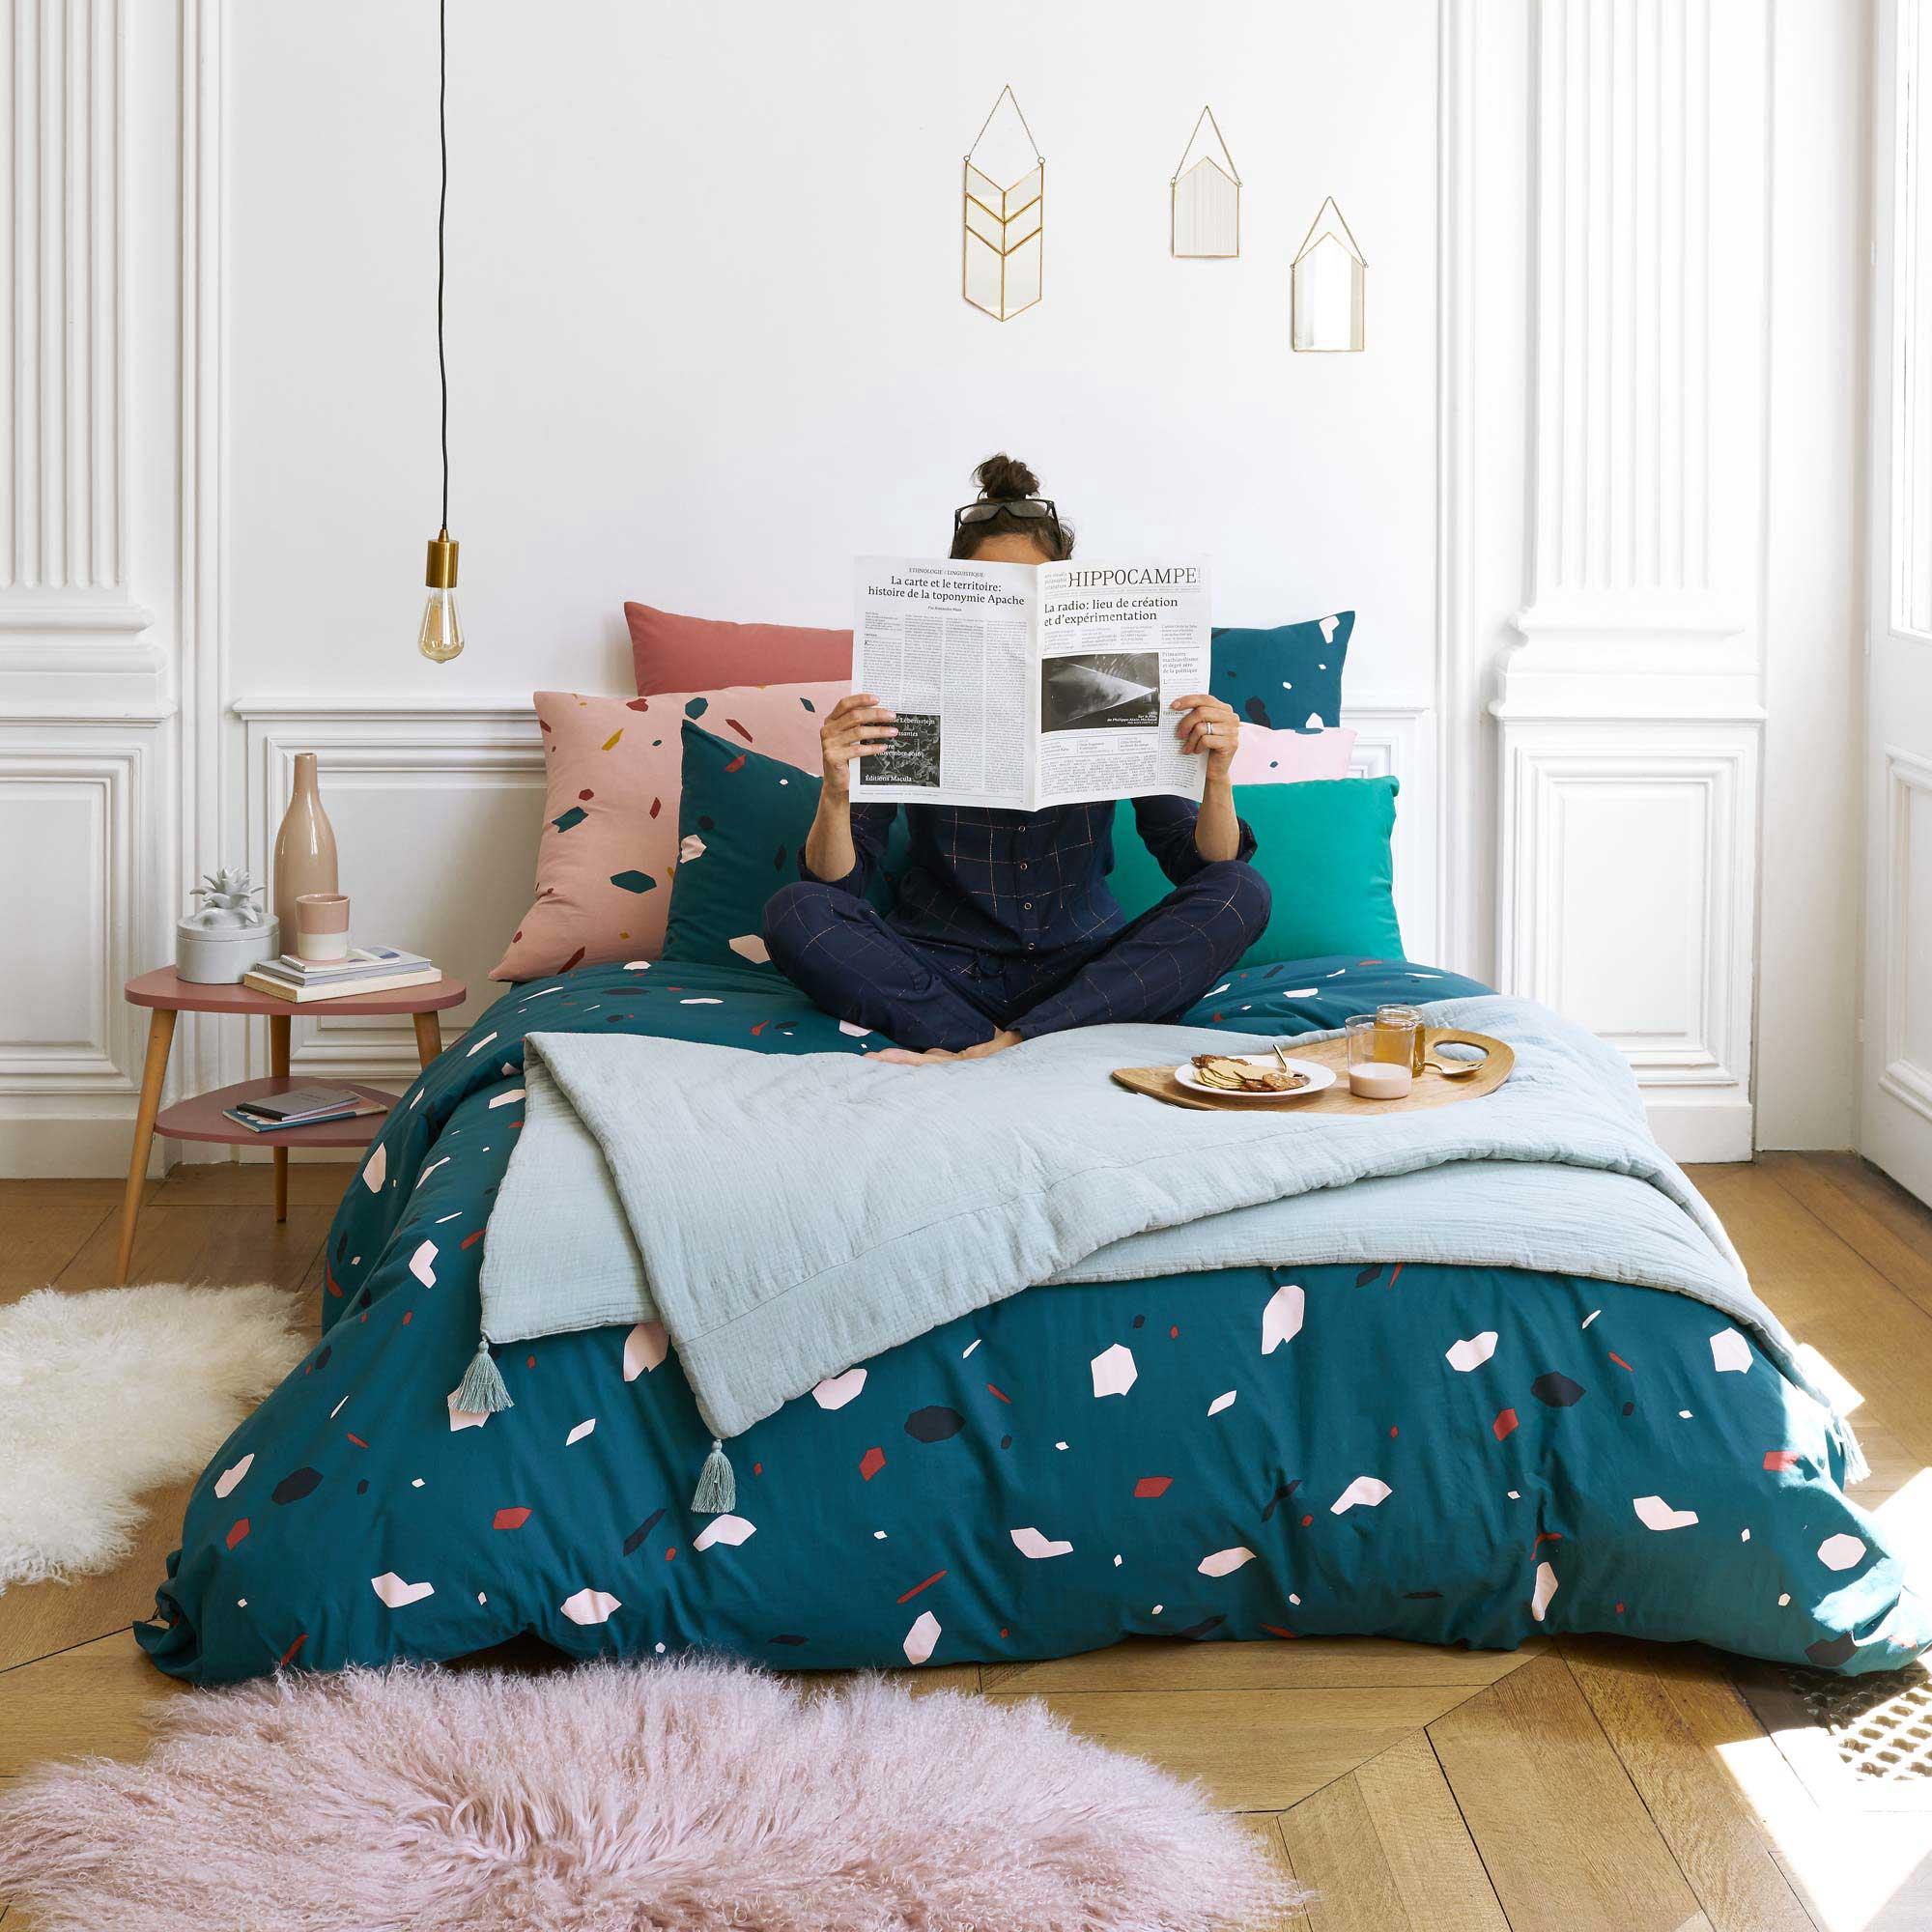 Chambre scandinave la redoute - La redoute meuble chambre ...